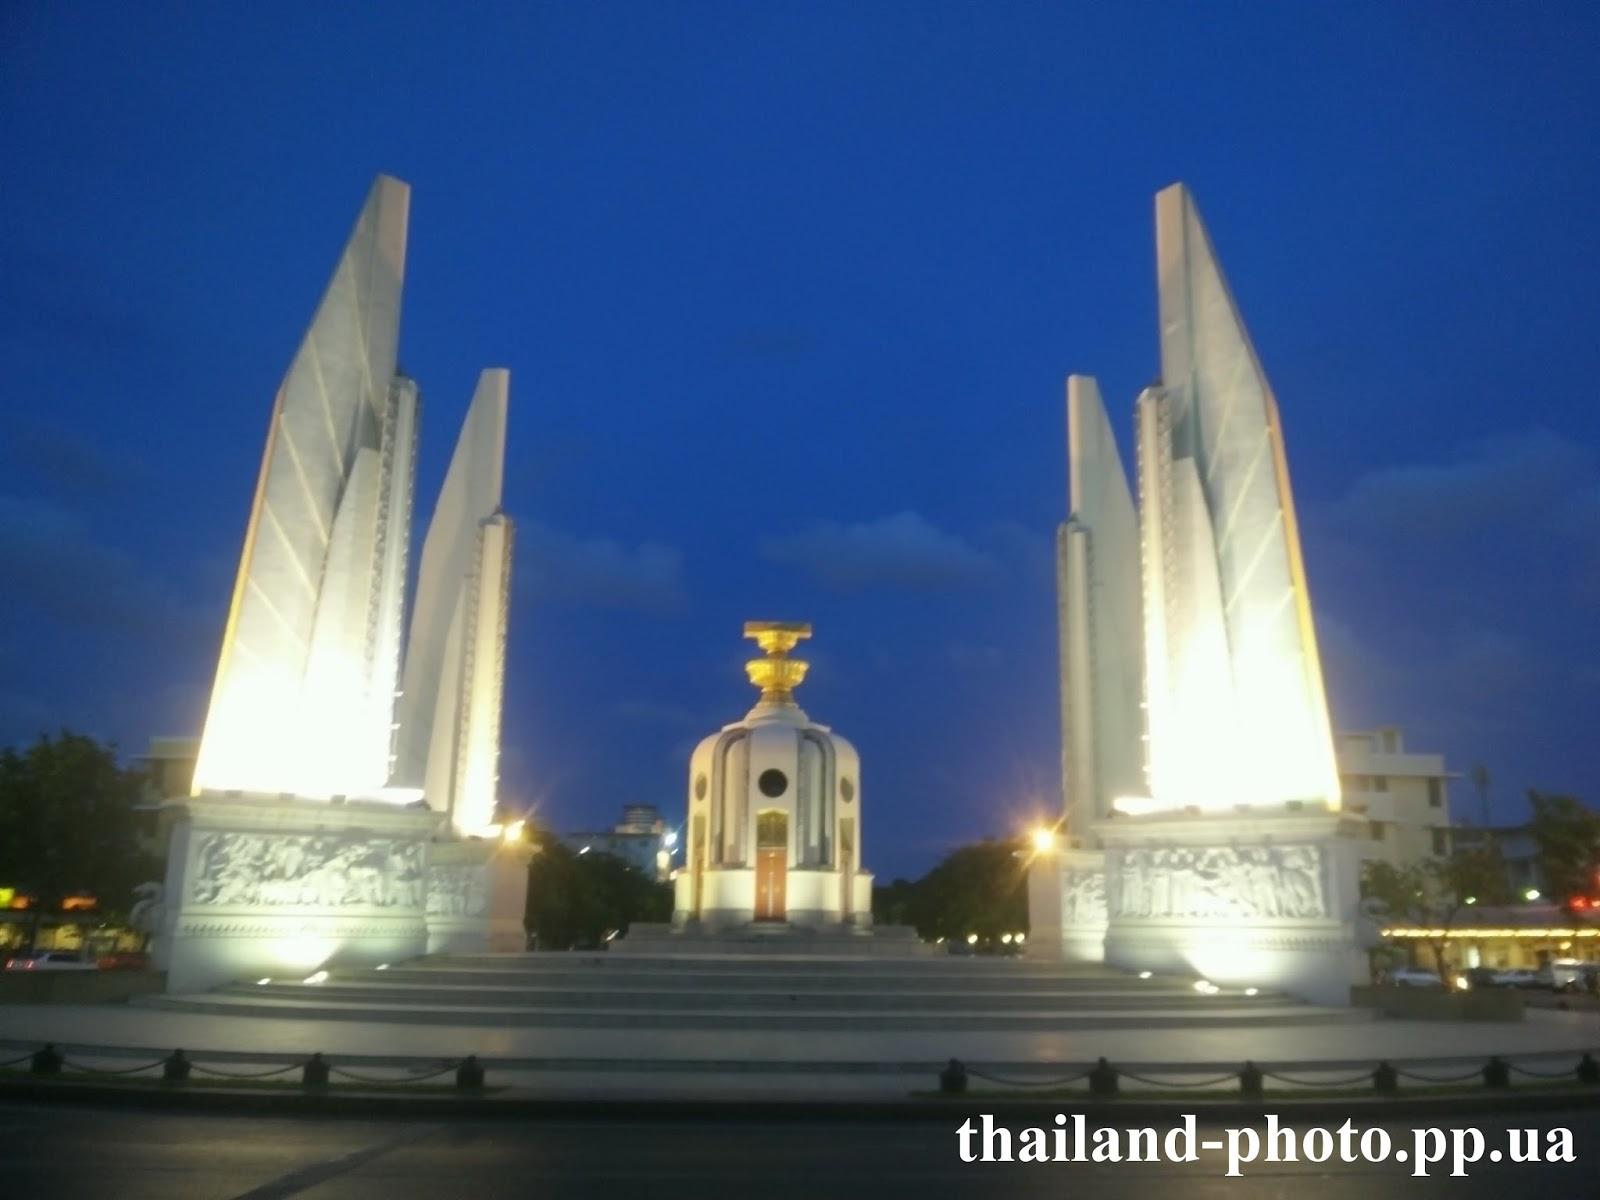 Монумент Демократии вечером с подсветкой